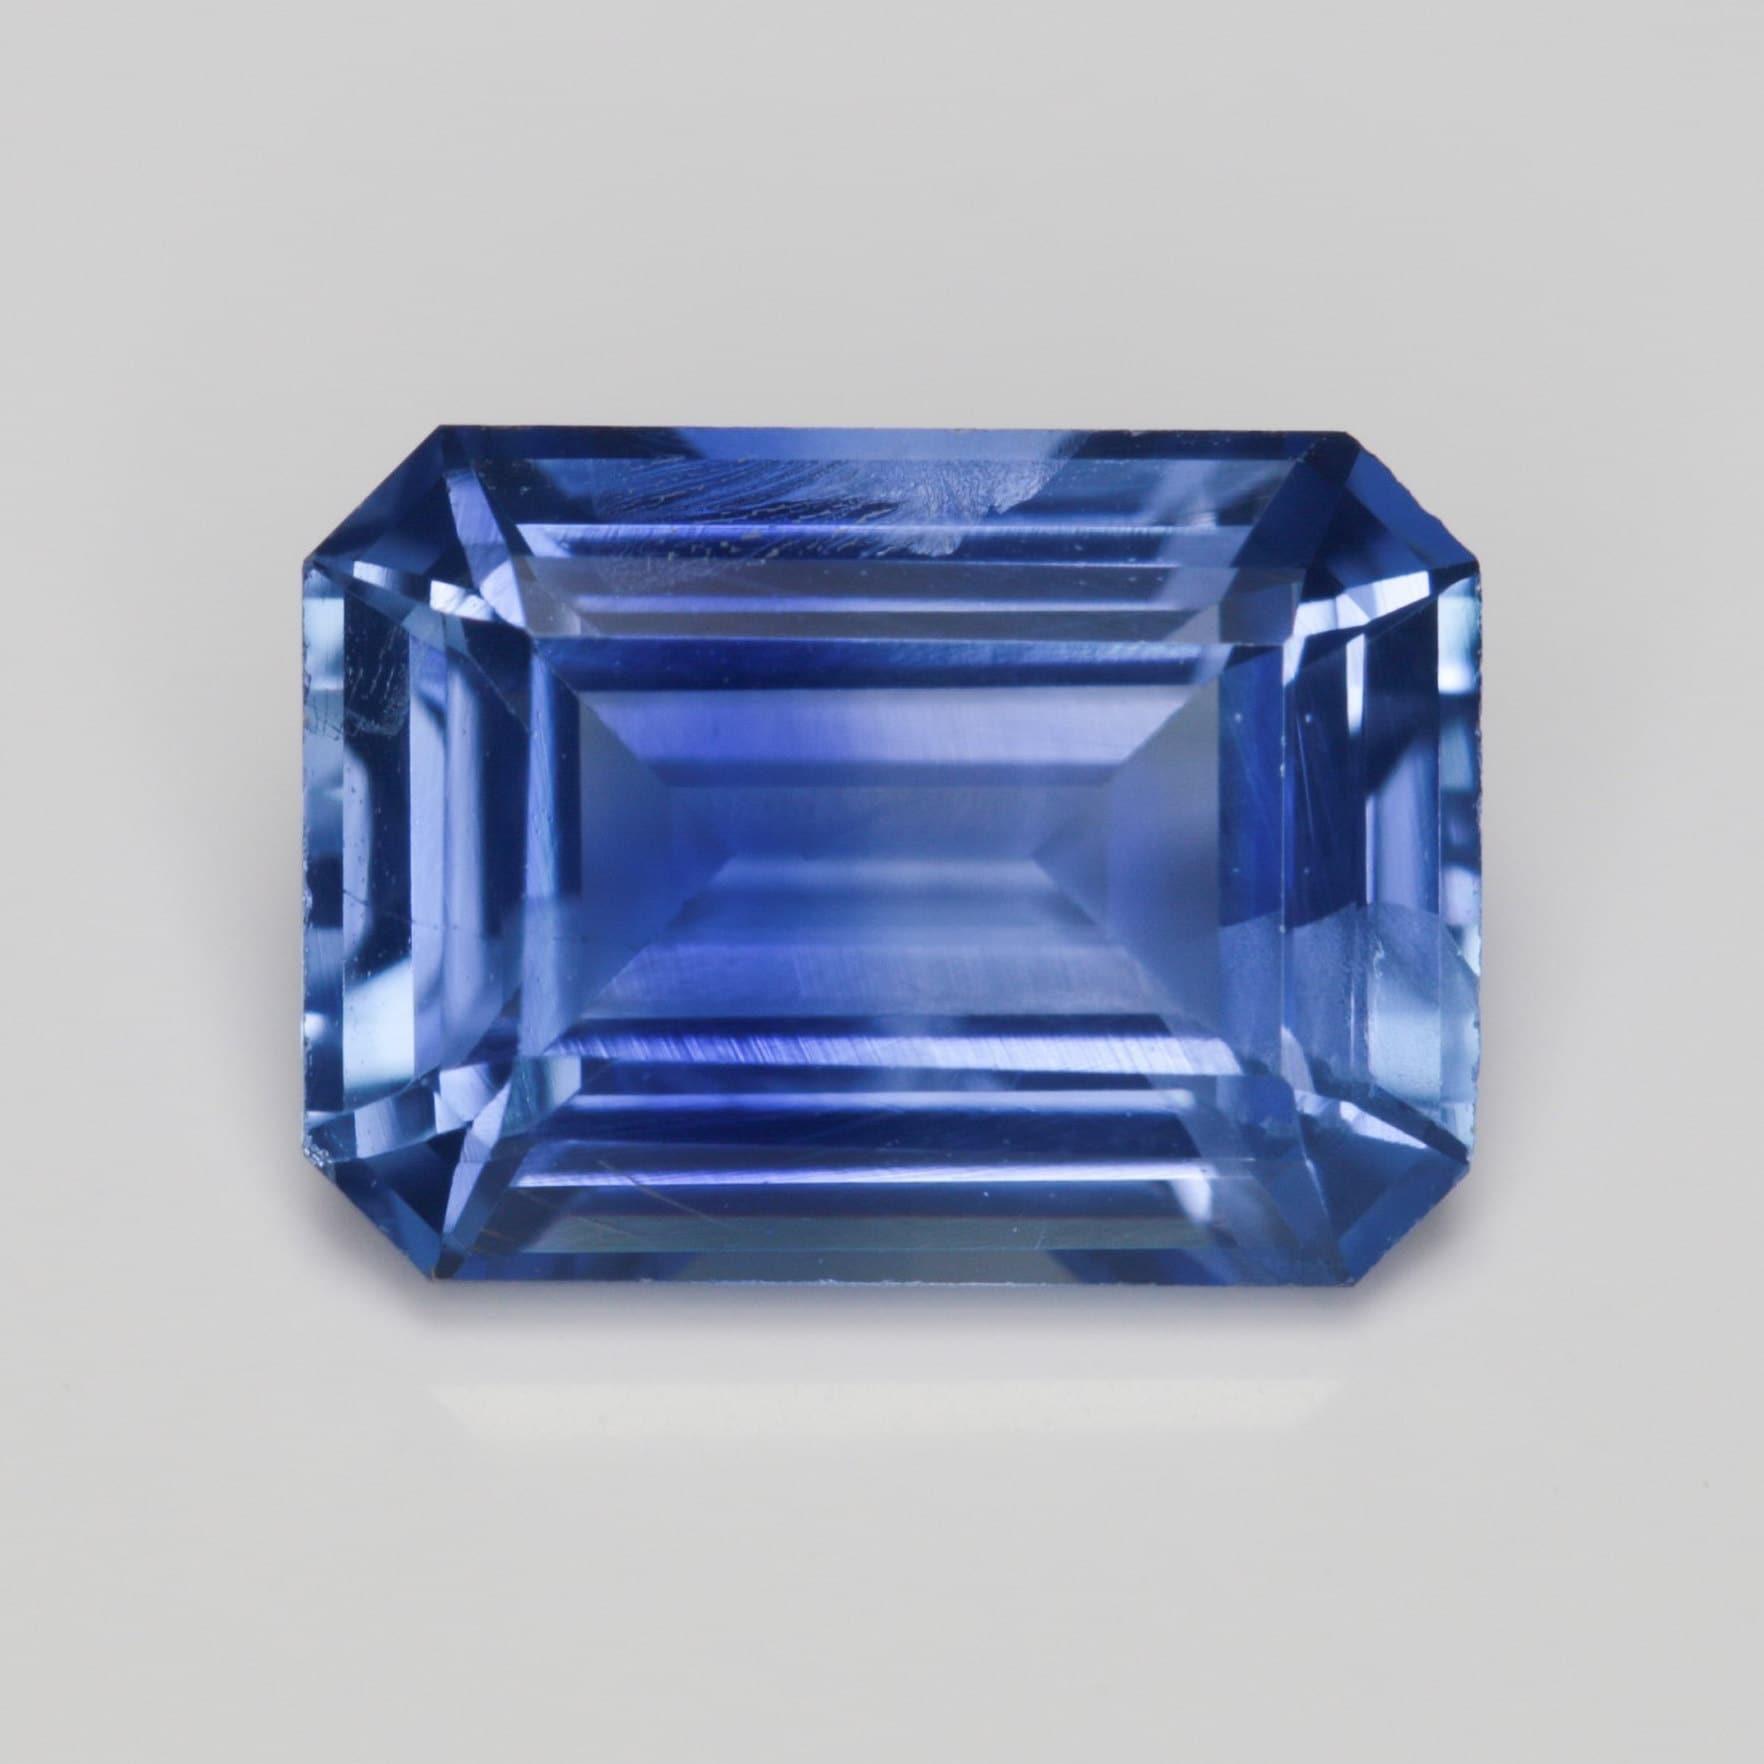 1,113 1,113 1,113 carat bleu saphir très bonne coupe d'émeraude 7 x 5 mm calibré chauffé Pierre lâche b3f9e8